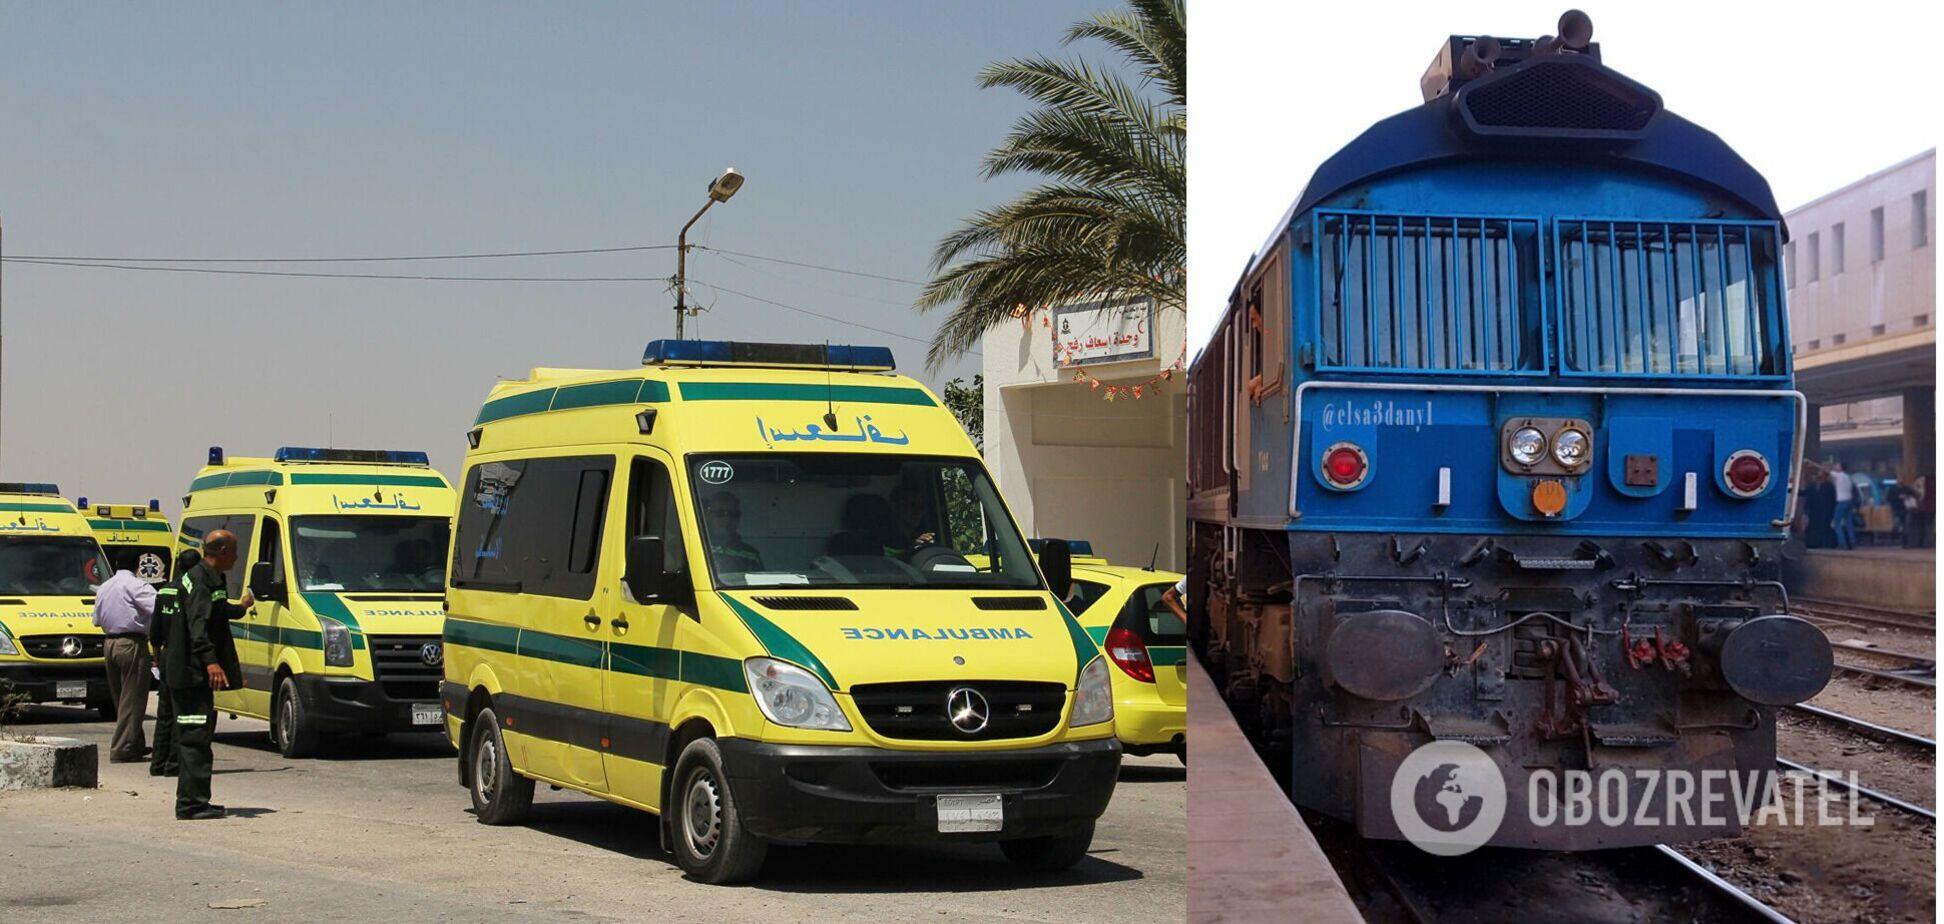 У Єгипті поїзд протаранив автобус, є загиблий та поранені